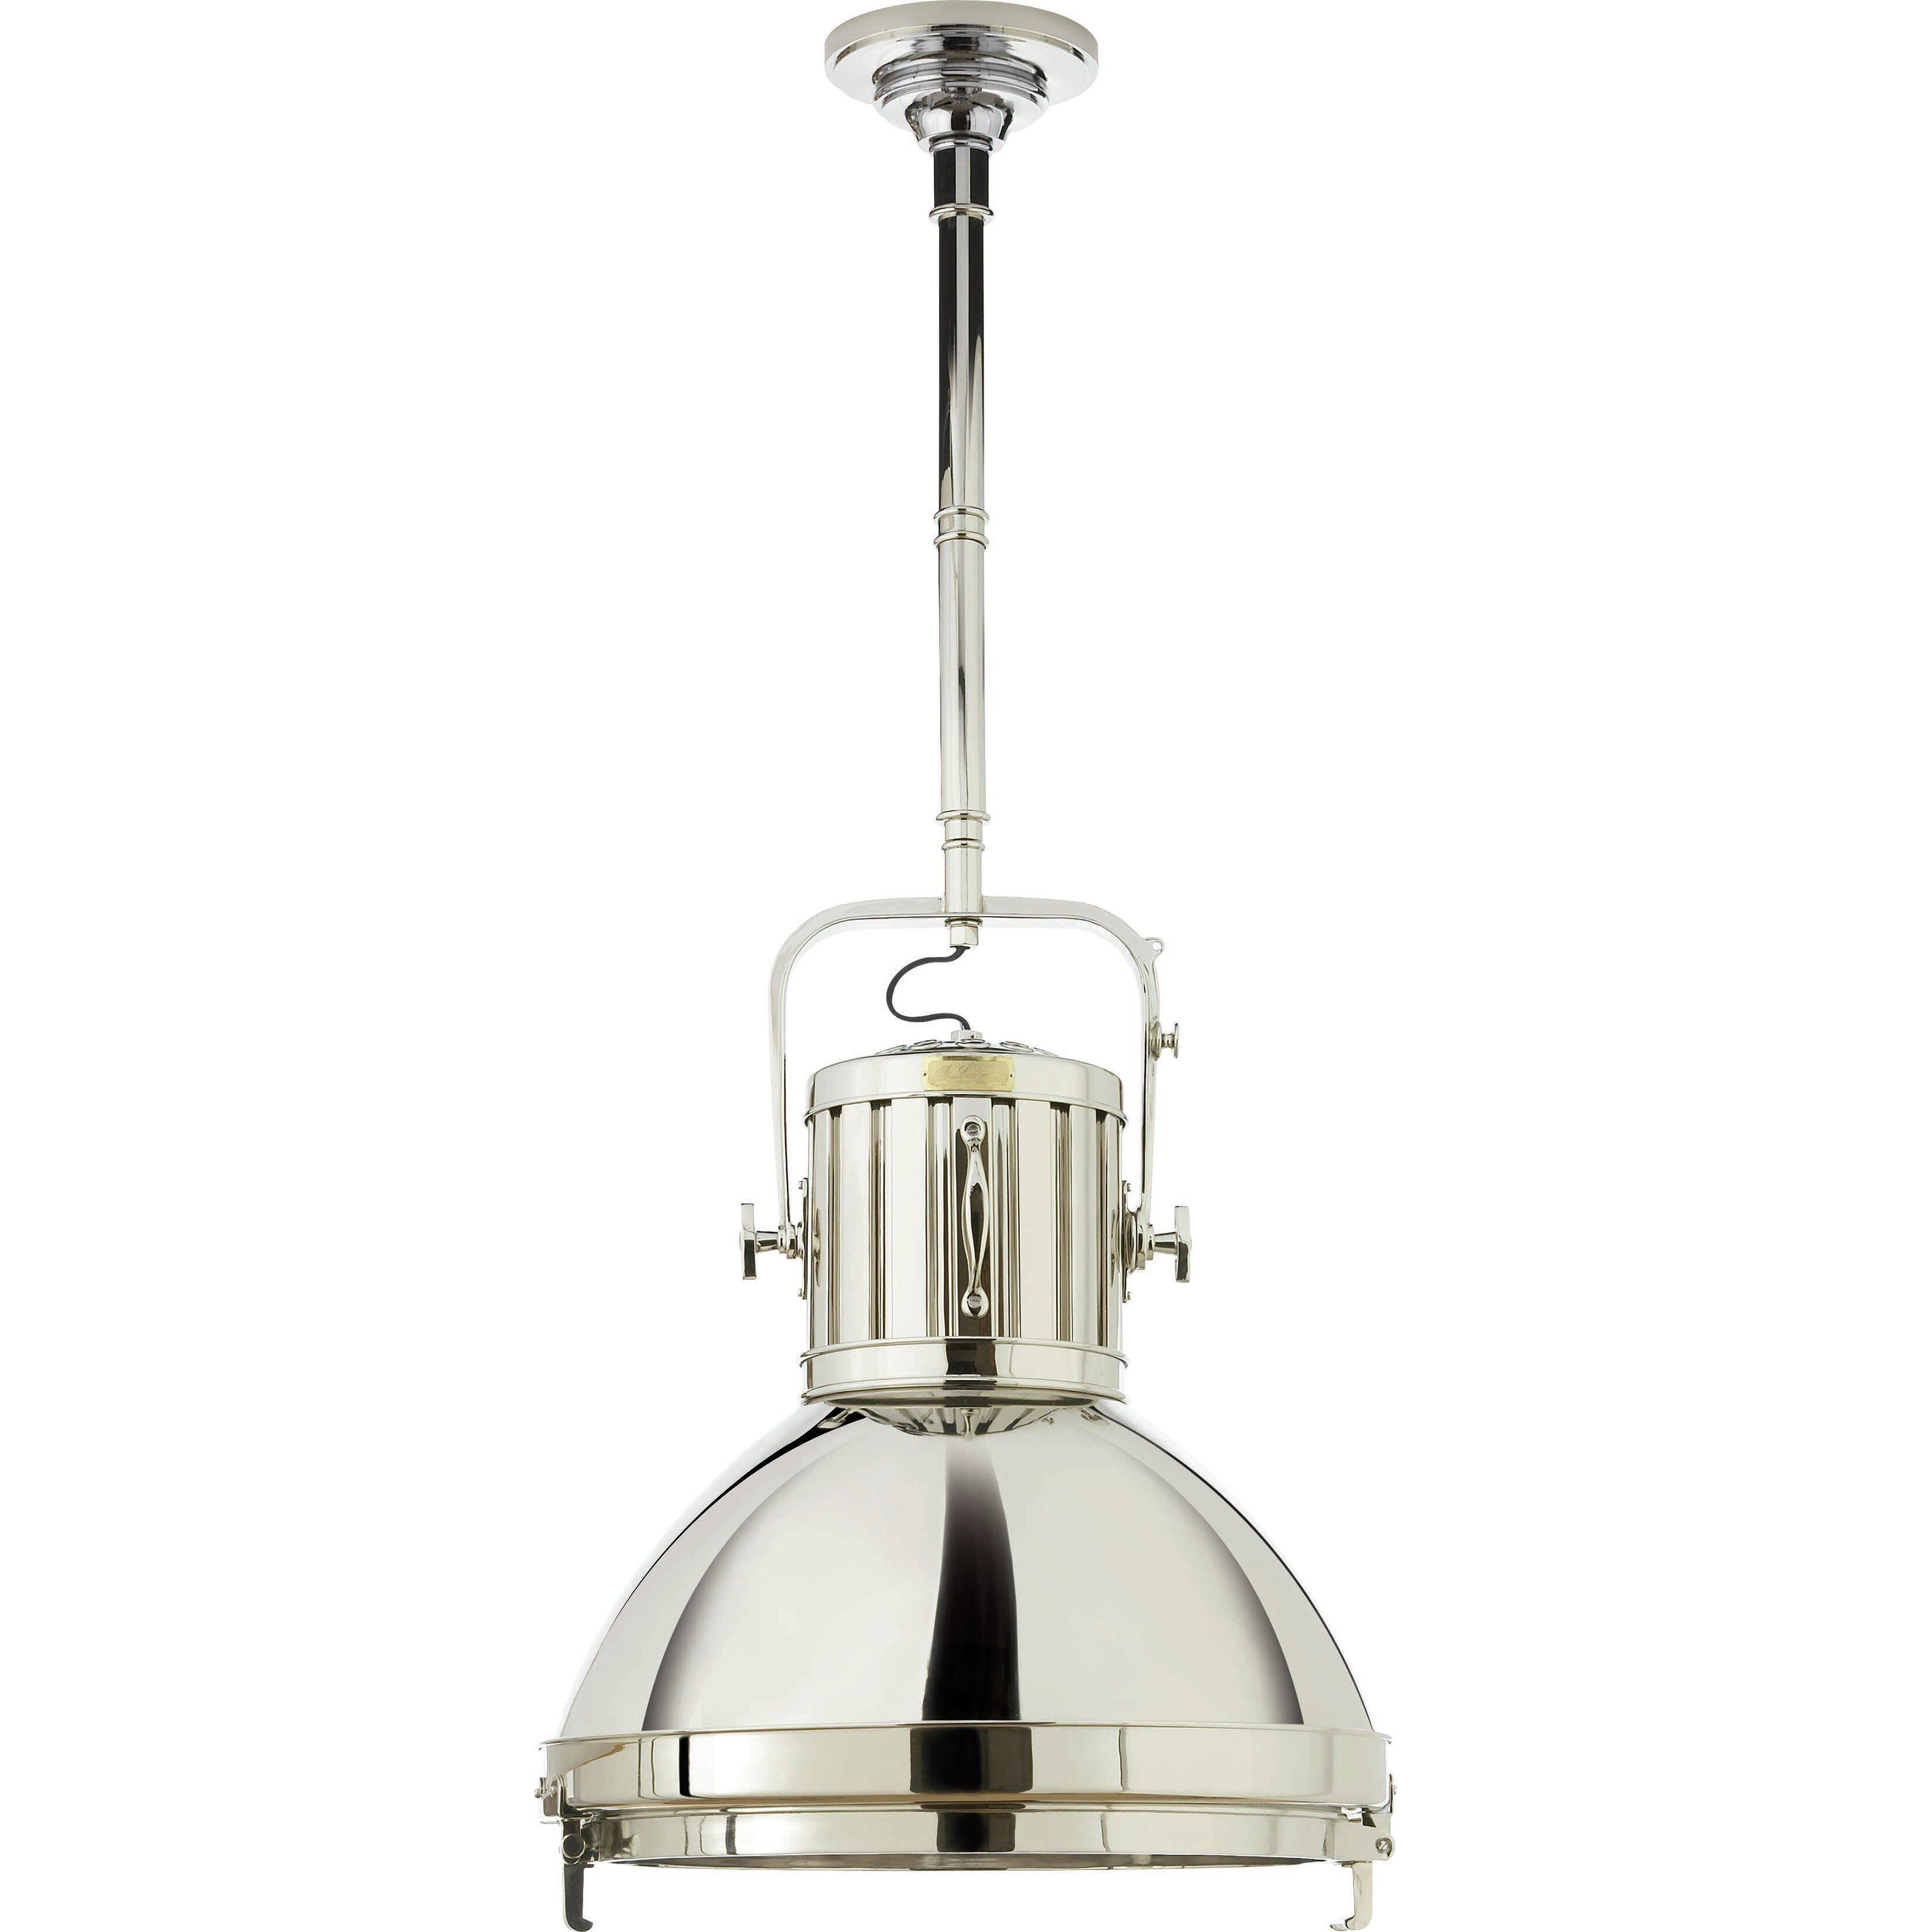 Ralph Lauren Home Lighting: Ralph Lauren Home Montauk 1 Light XL Bowl Pendant